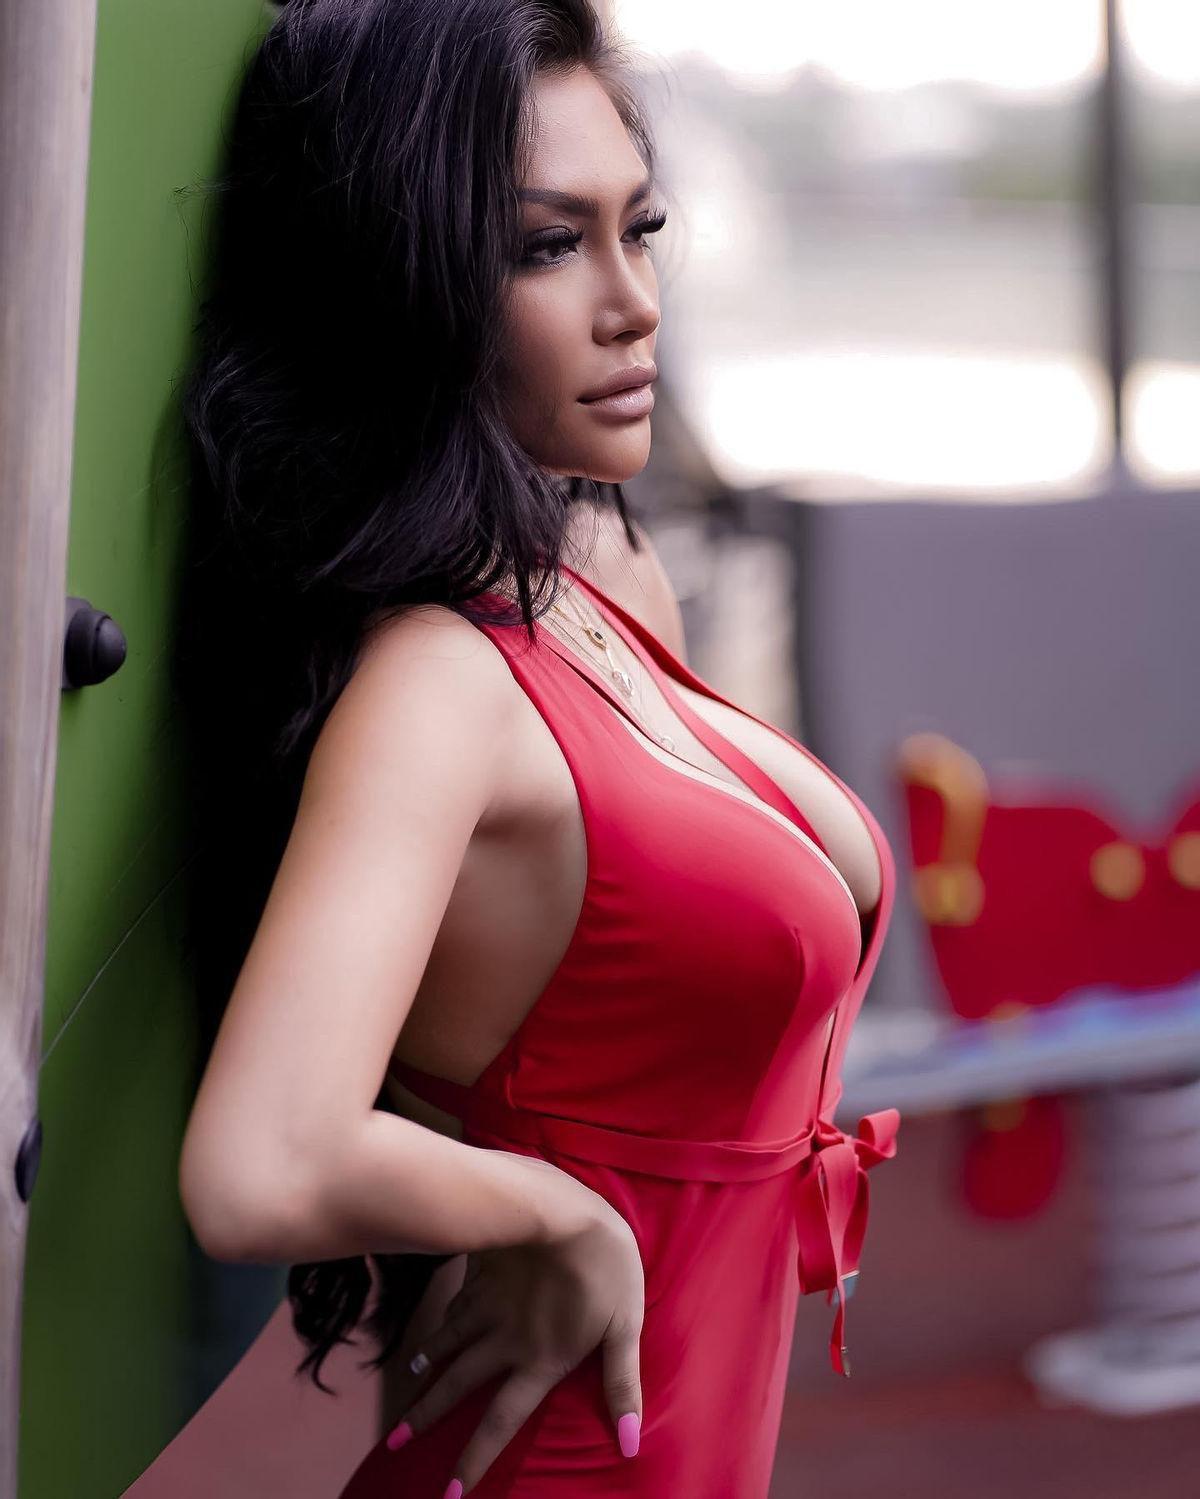 Nữ hoàng lấp lánh Showbiz Việt Trisha Vũ 'đốt cháy' màn hình bằng đường cong nảy lửa Ảnh 3